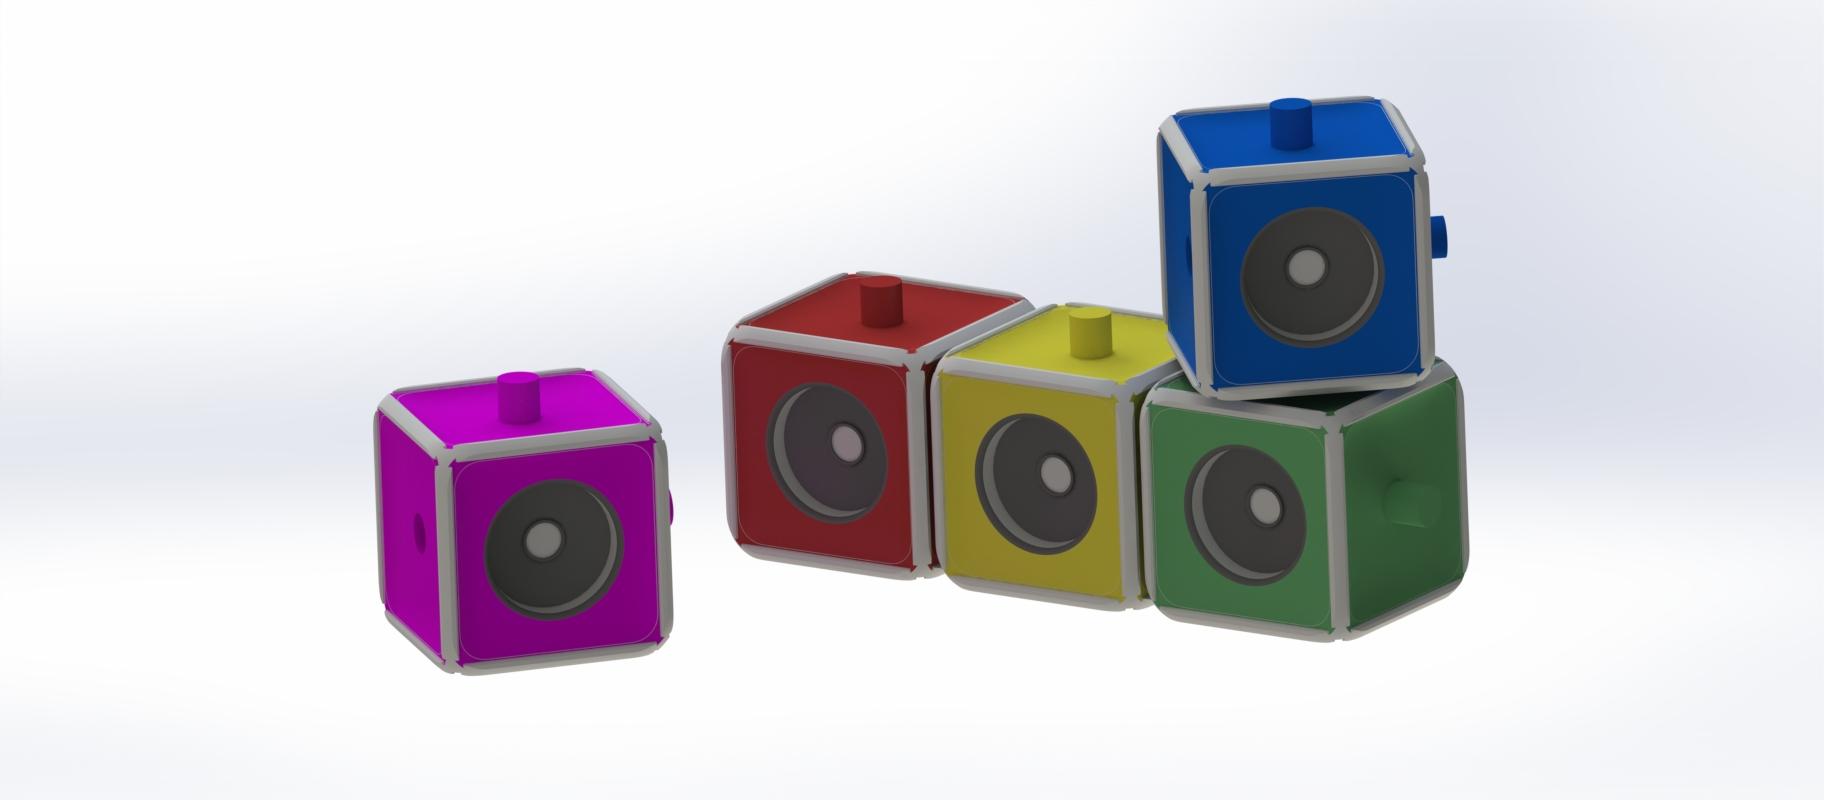 Bose Mix